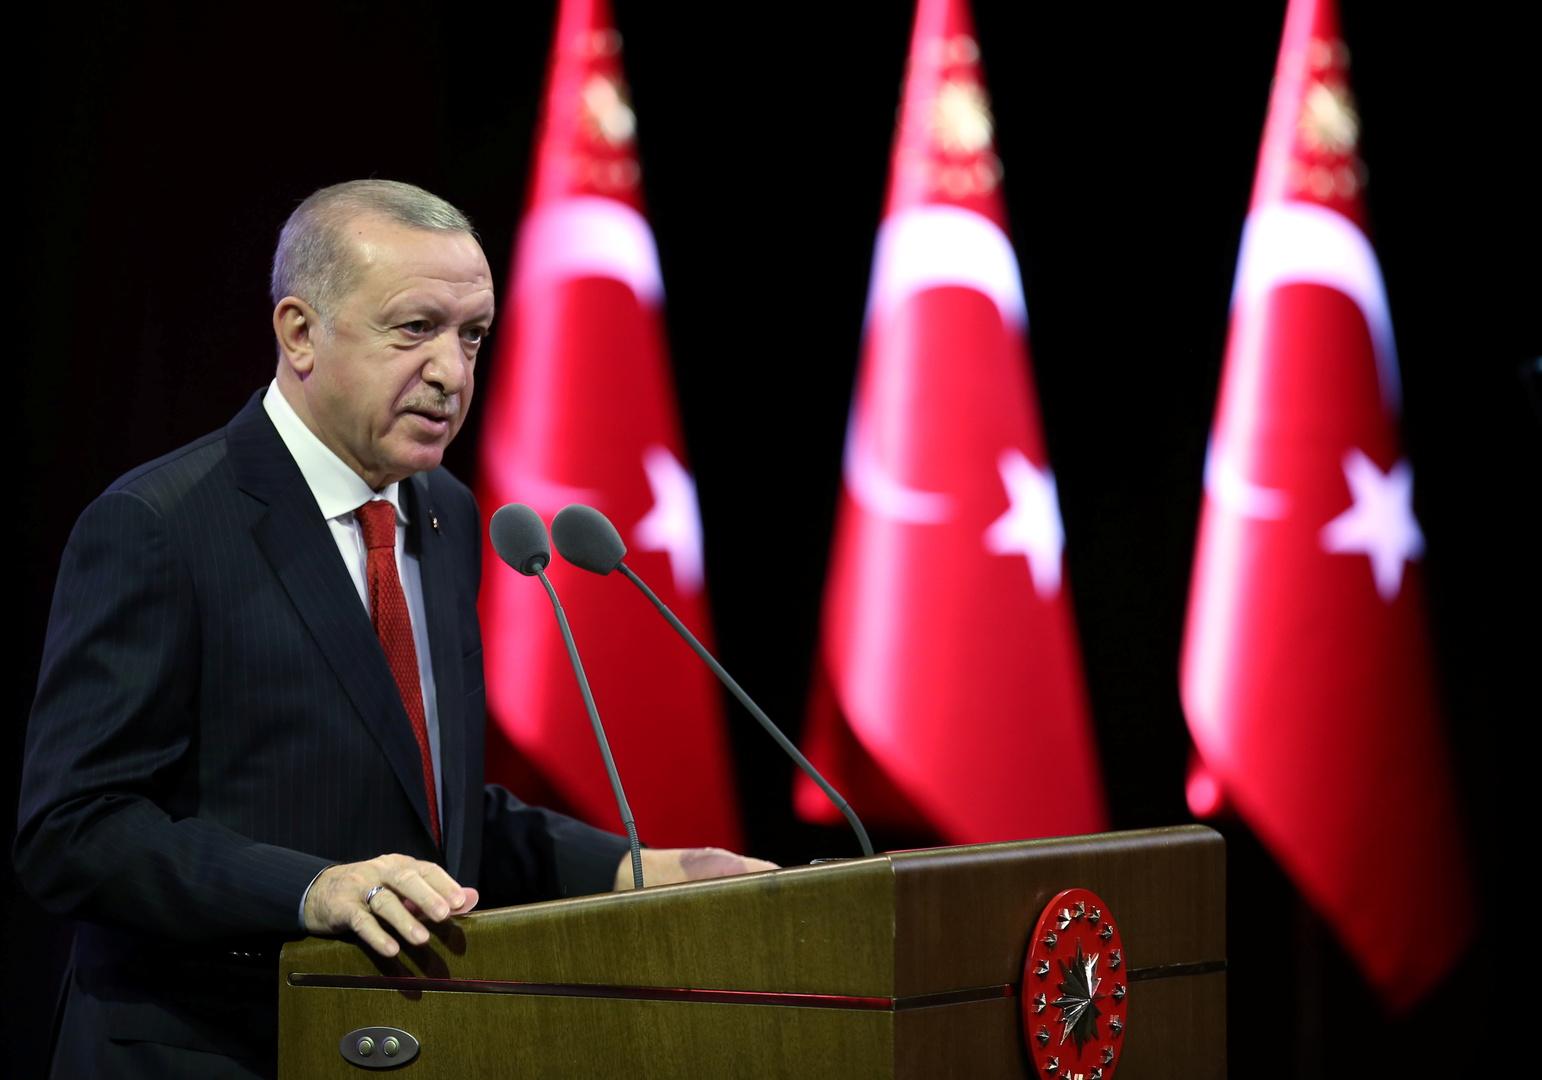 أردوغان يقدم نصيحة للقوات الأرمنية في قره باغ